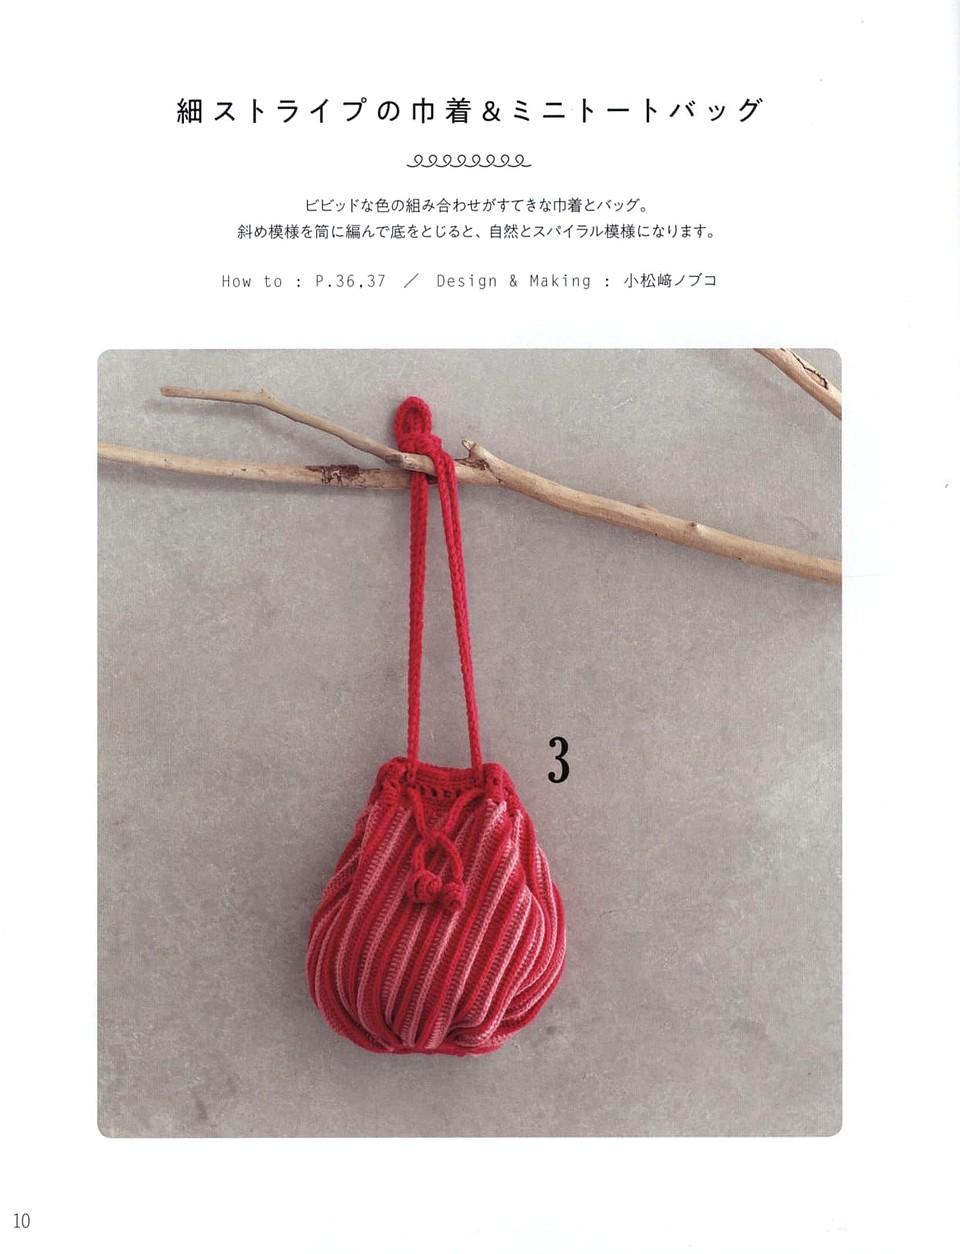 708 AO Spiral Knit 18-11